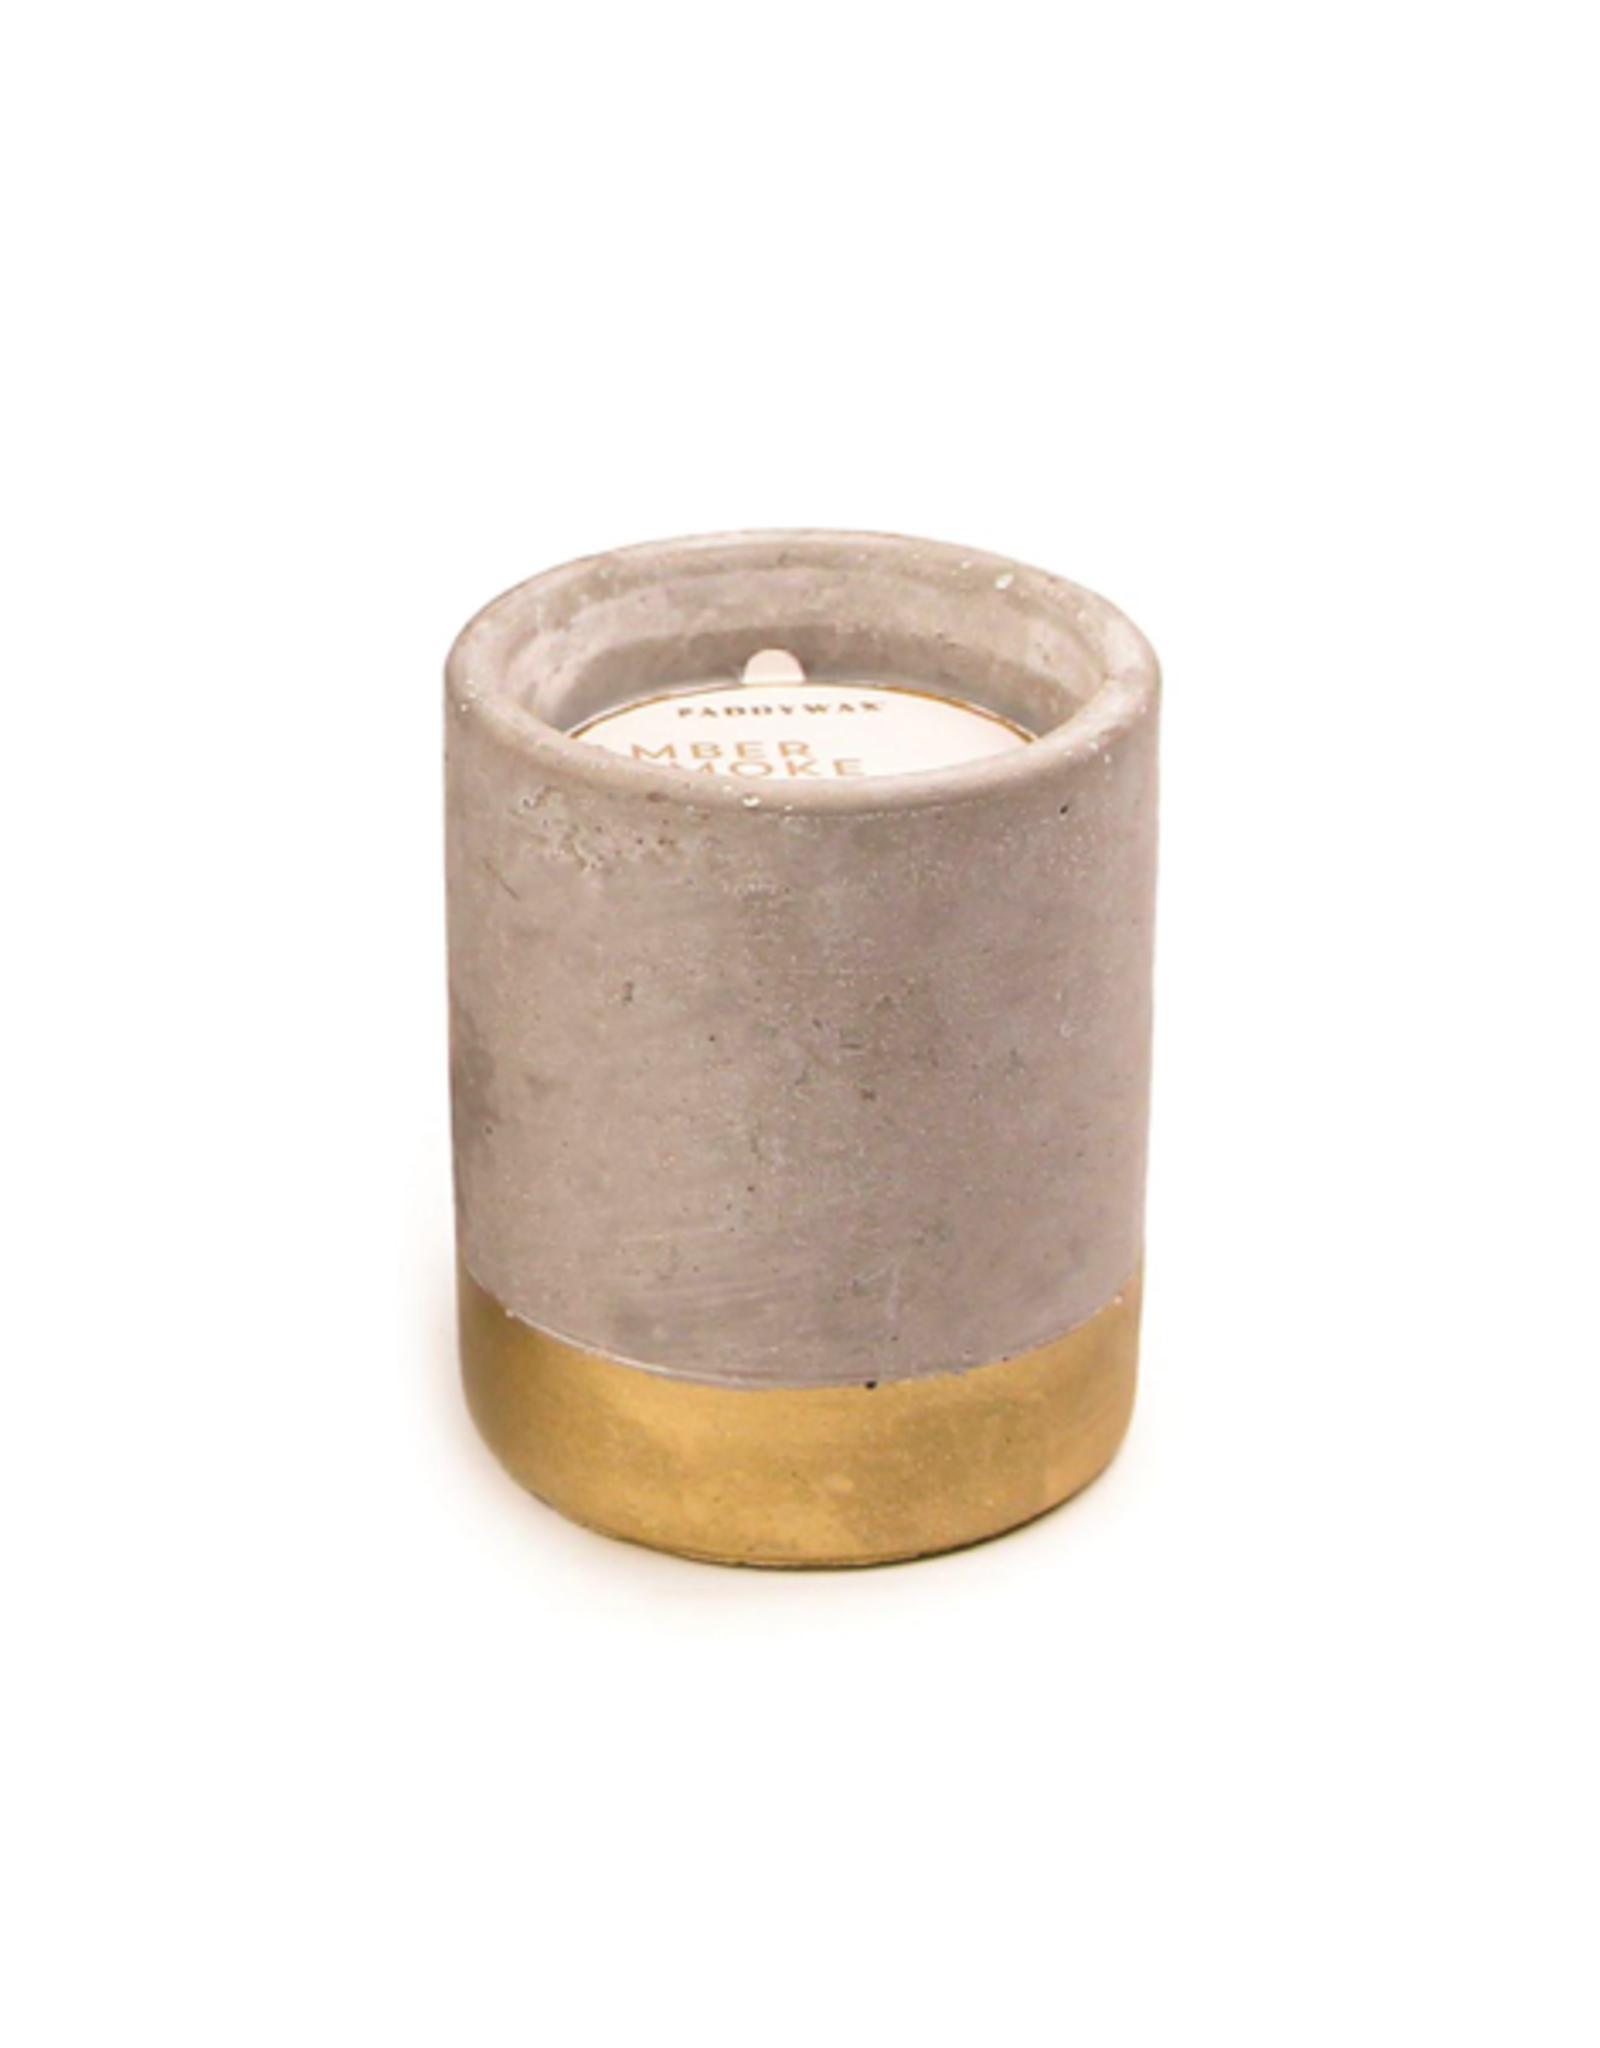 PAX - Soy Candle/Amber & Smoke, Gold Concrete, 3.5oz